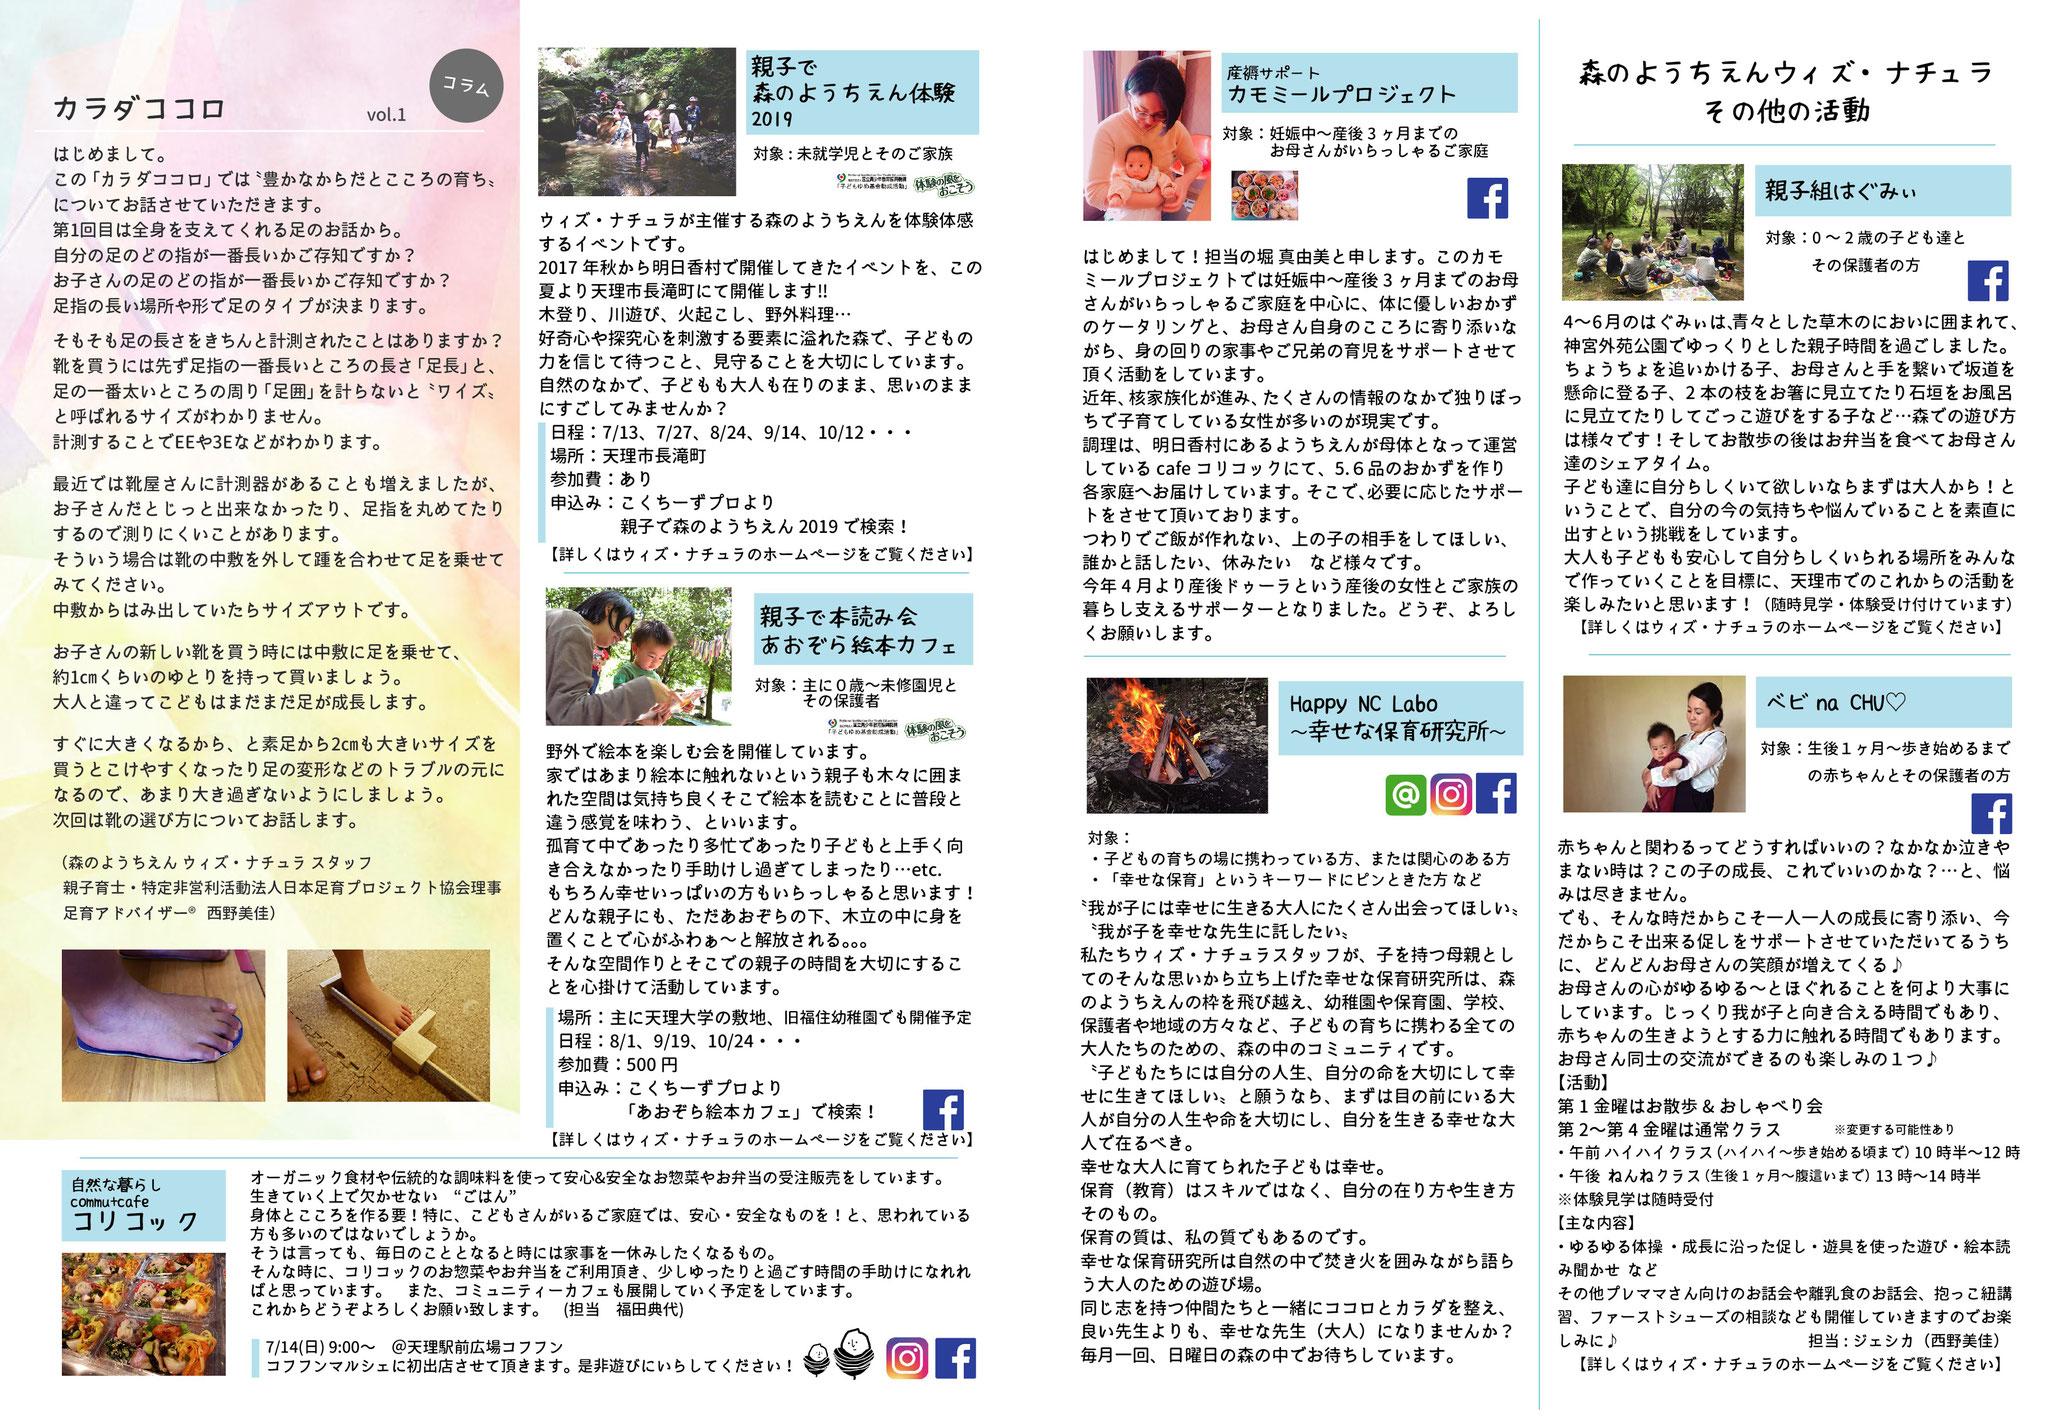 6~7ページ(森のようちえんウィズ・ナチュラ その他の活動、コラム「カラダココロvol.1」)